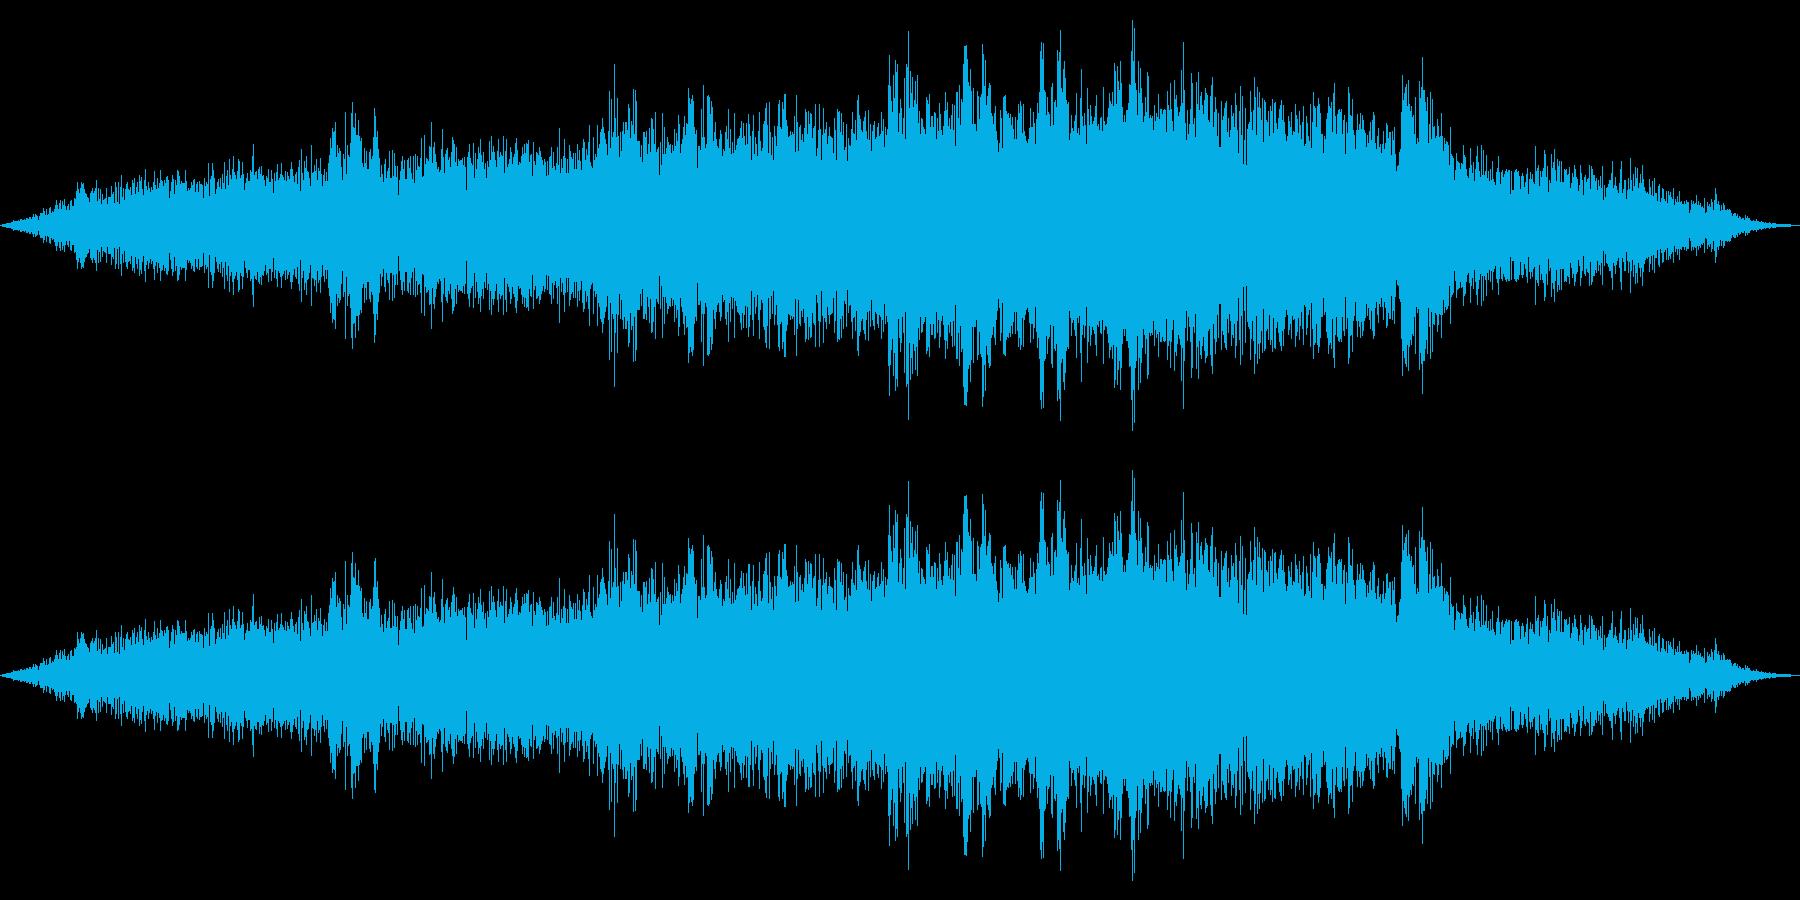 【マイク収録】勢いよく電車が走る音の再生済みの波形